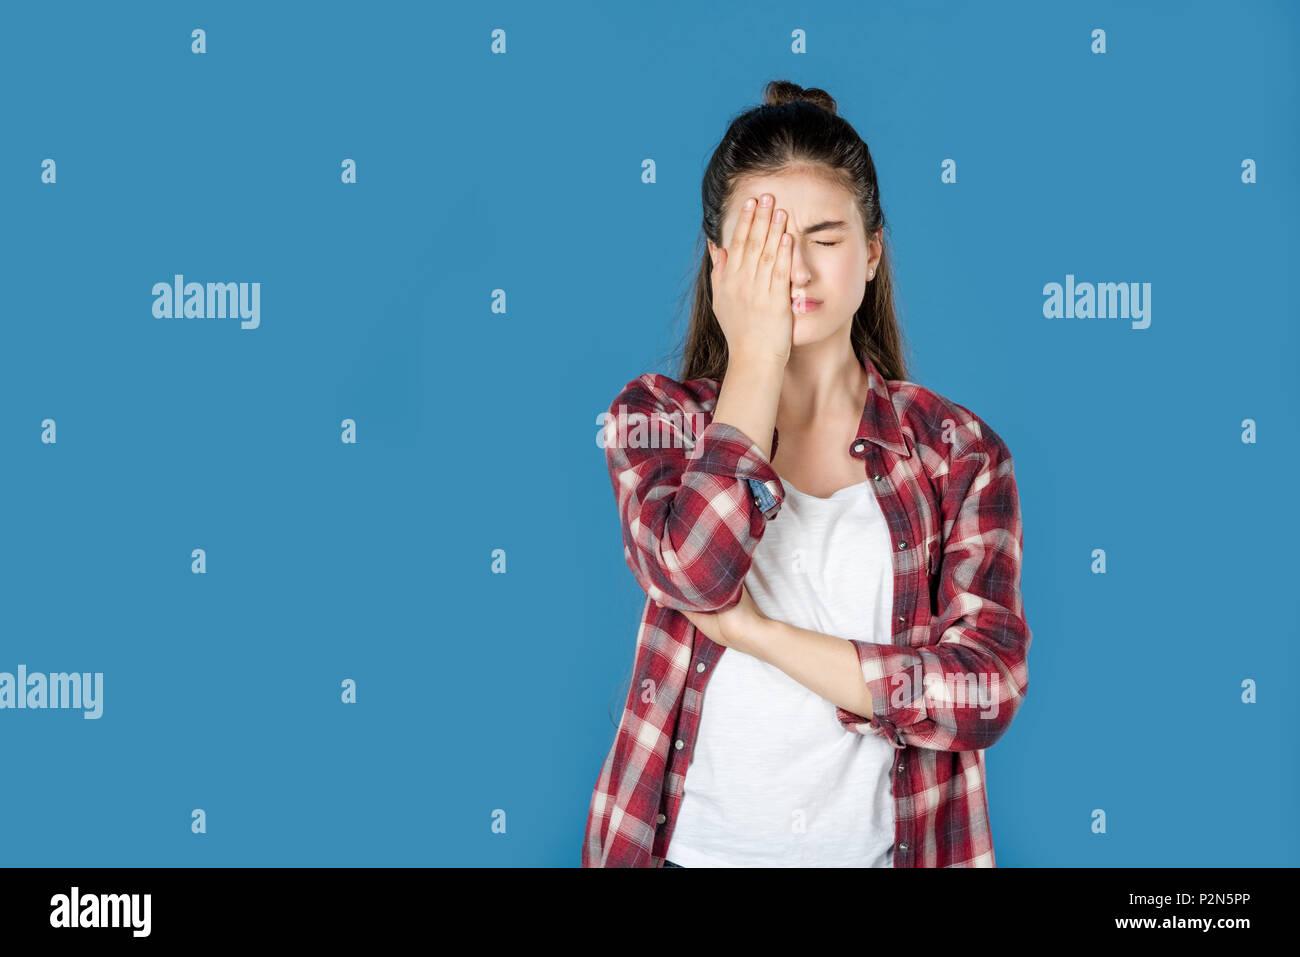 Beschämt jugendlich Mädchen die halbe Gesicht mit Hand isoliert auf Blau Stockbild